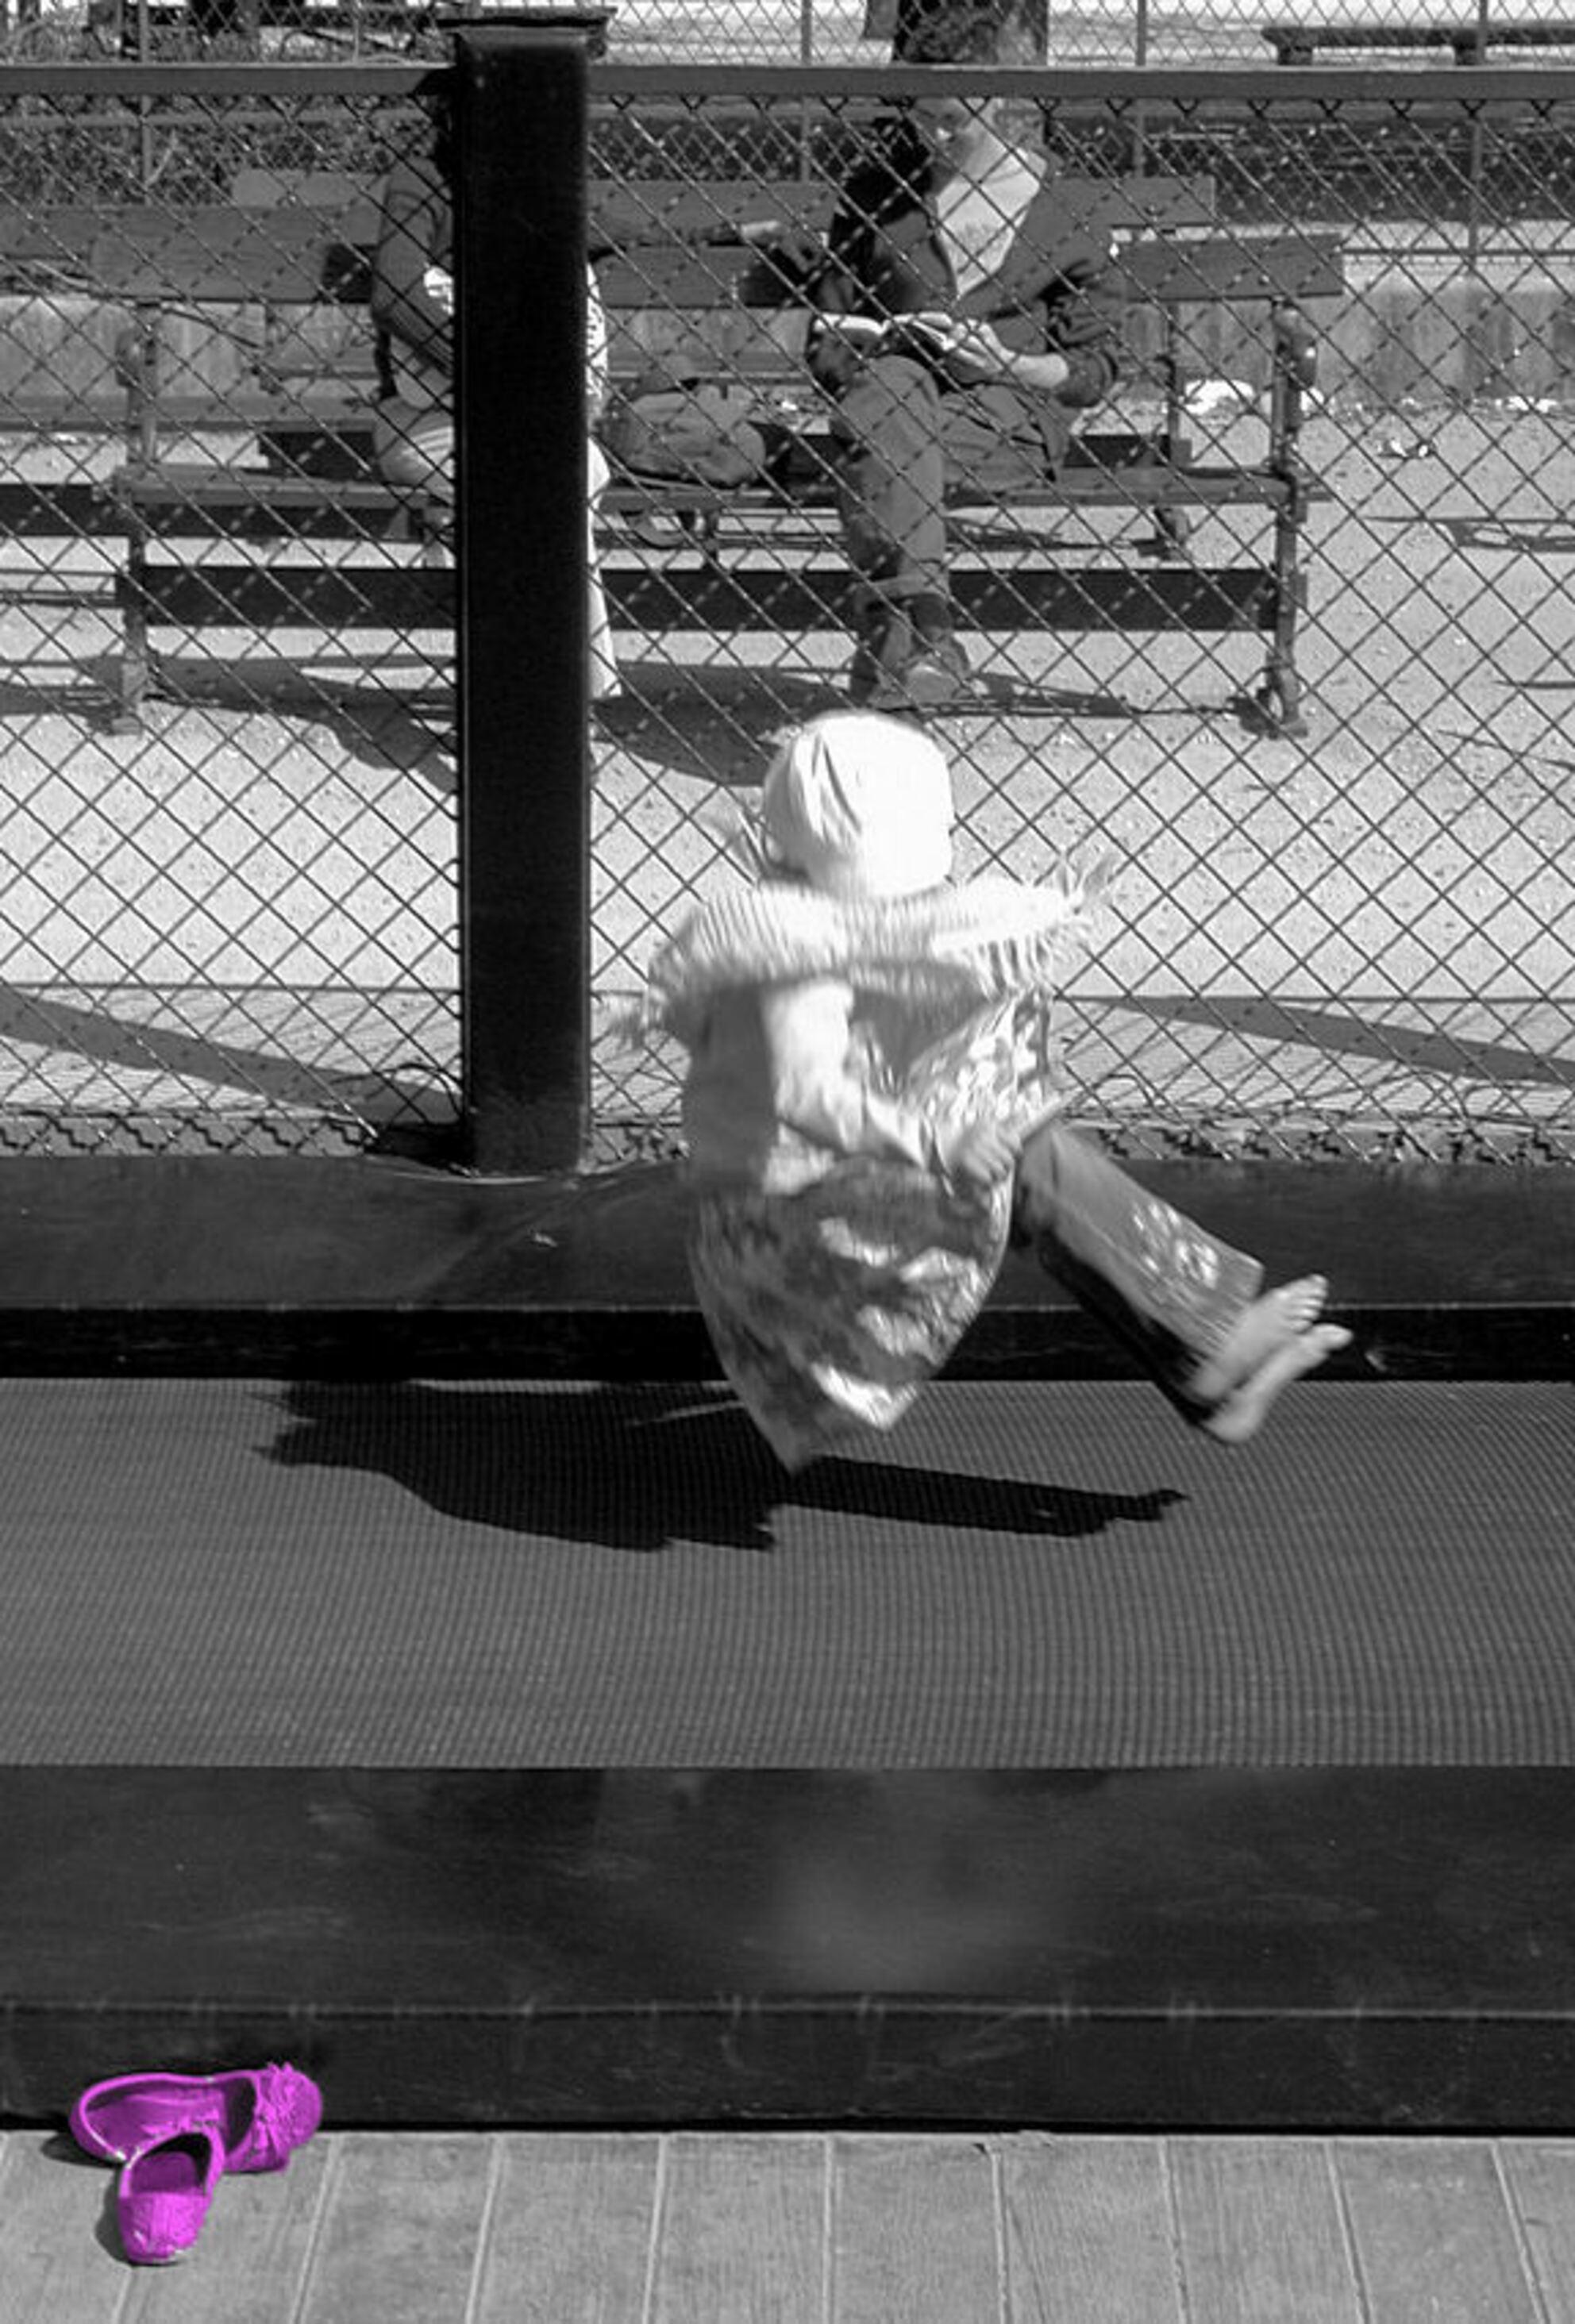 de roze schoentjes - Genomen in de Jardin de Ranelagh, Parijs. - foto door Steve47 op 19-06-2007 - deze foto bevat: kind, kinderen, meisje, parijs, lol, trampoline - Deze foto mag gebruikt worden in een Zoom.nl publicatie